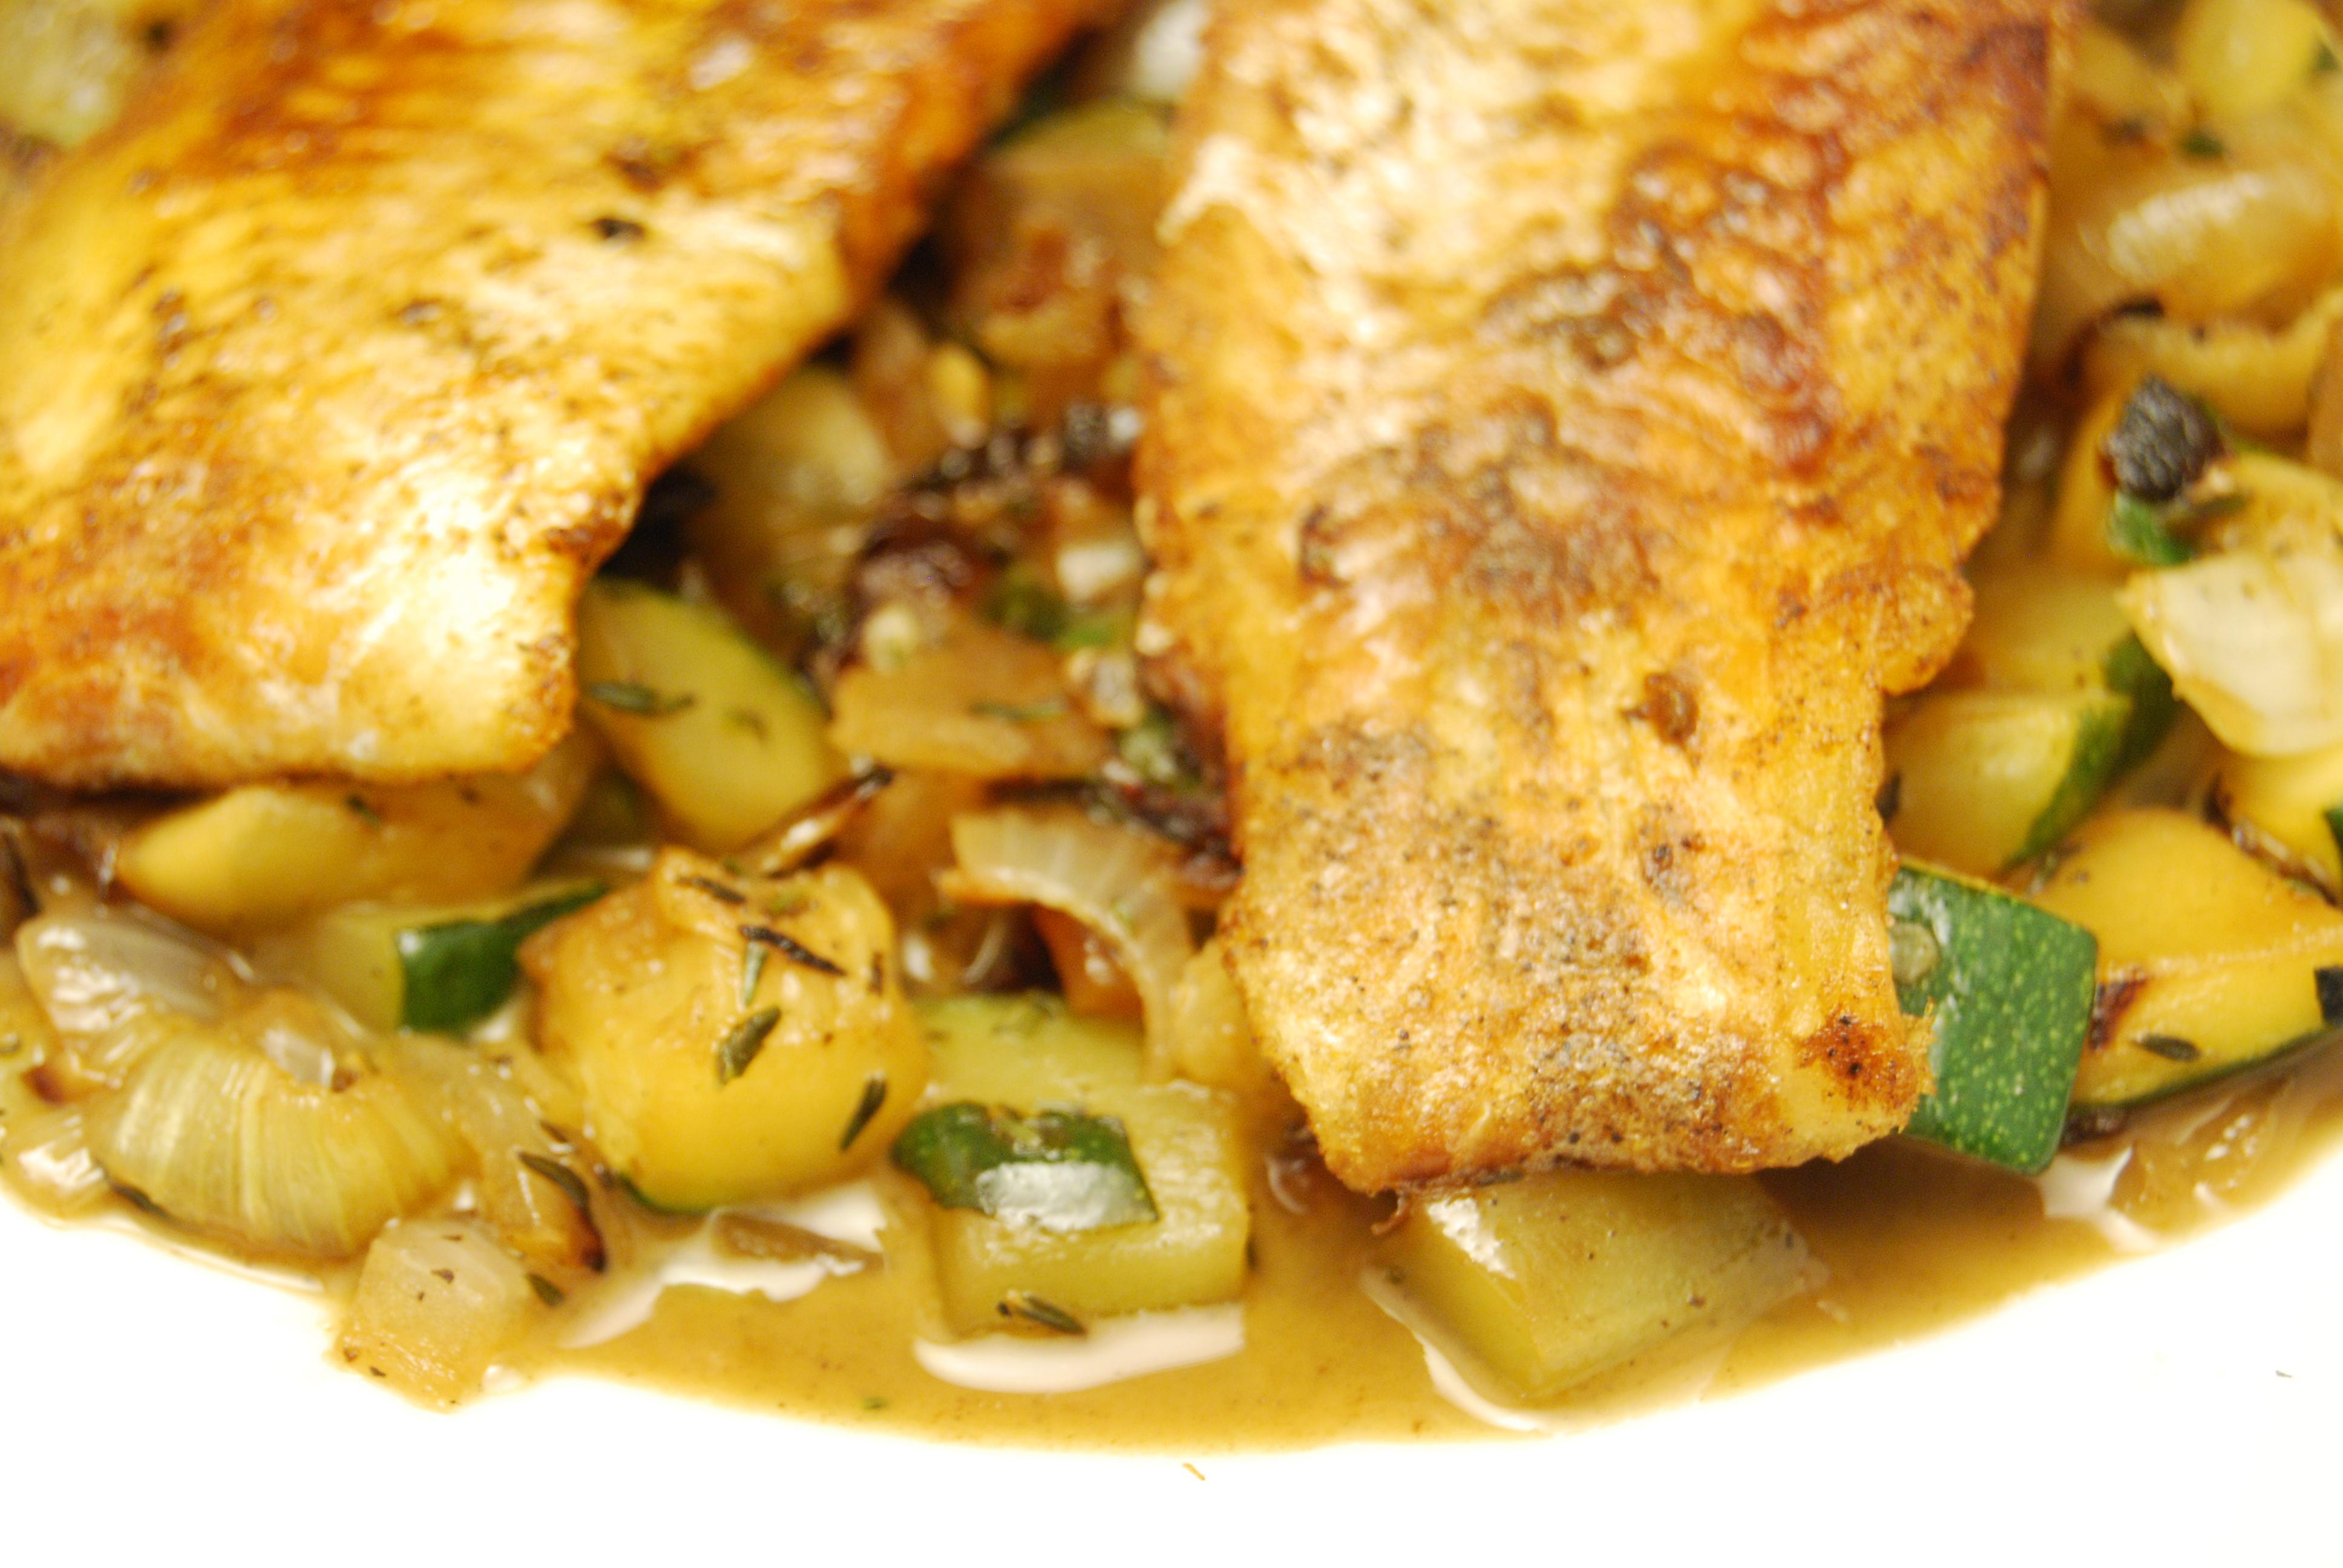 Seelachsfilets mit Zucchini-Gemüse